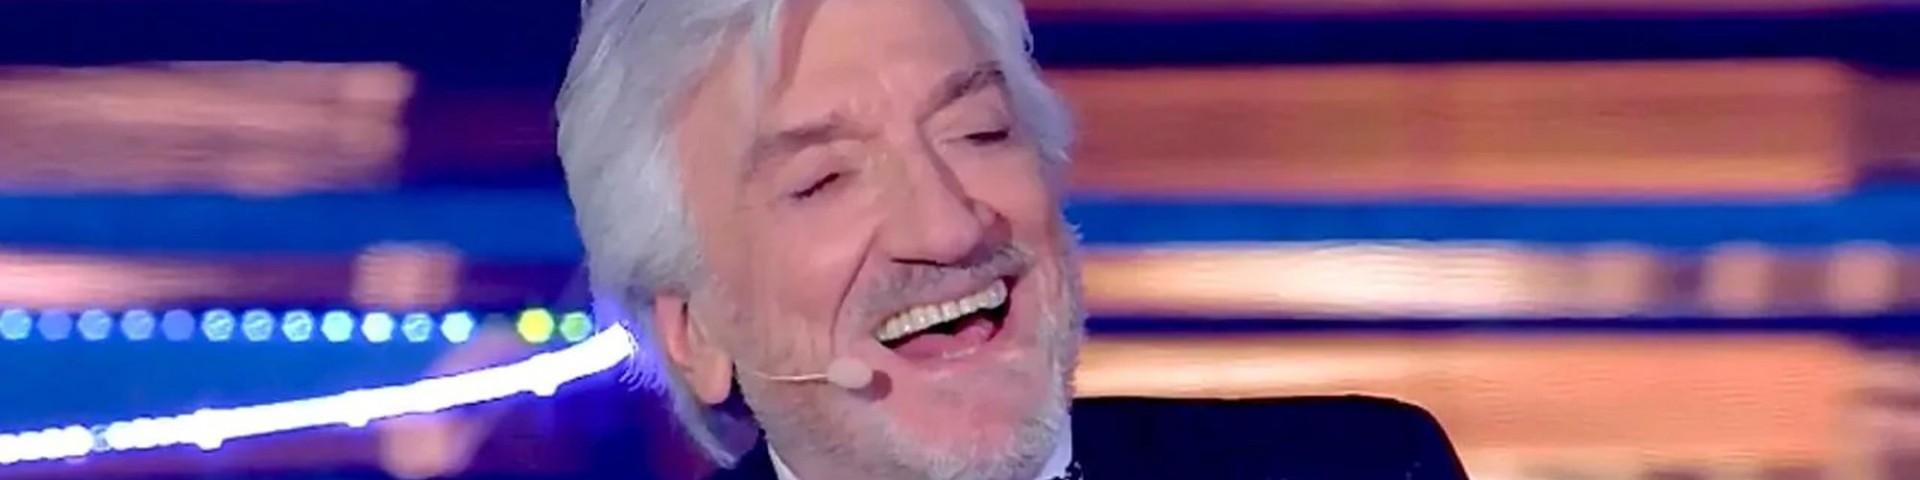 Gigi Proietti: le 5 frasi cult dell'attore